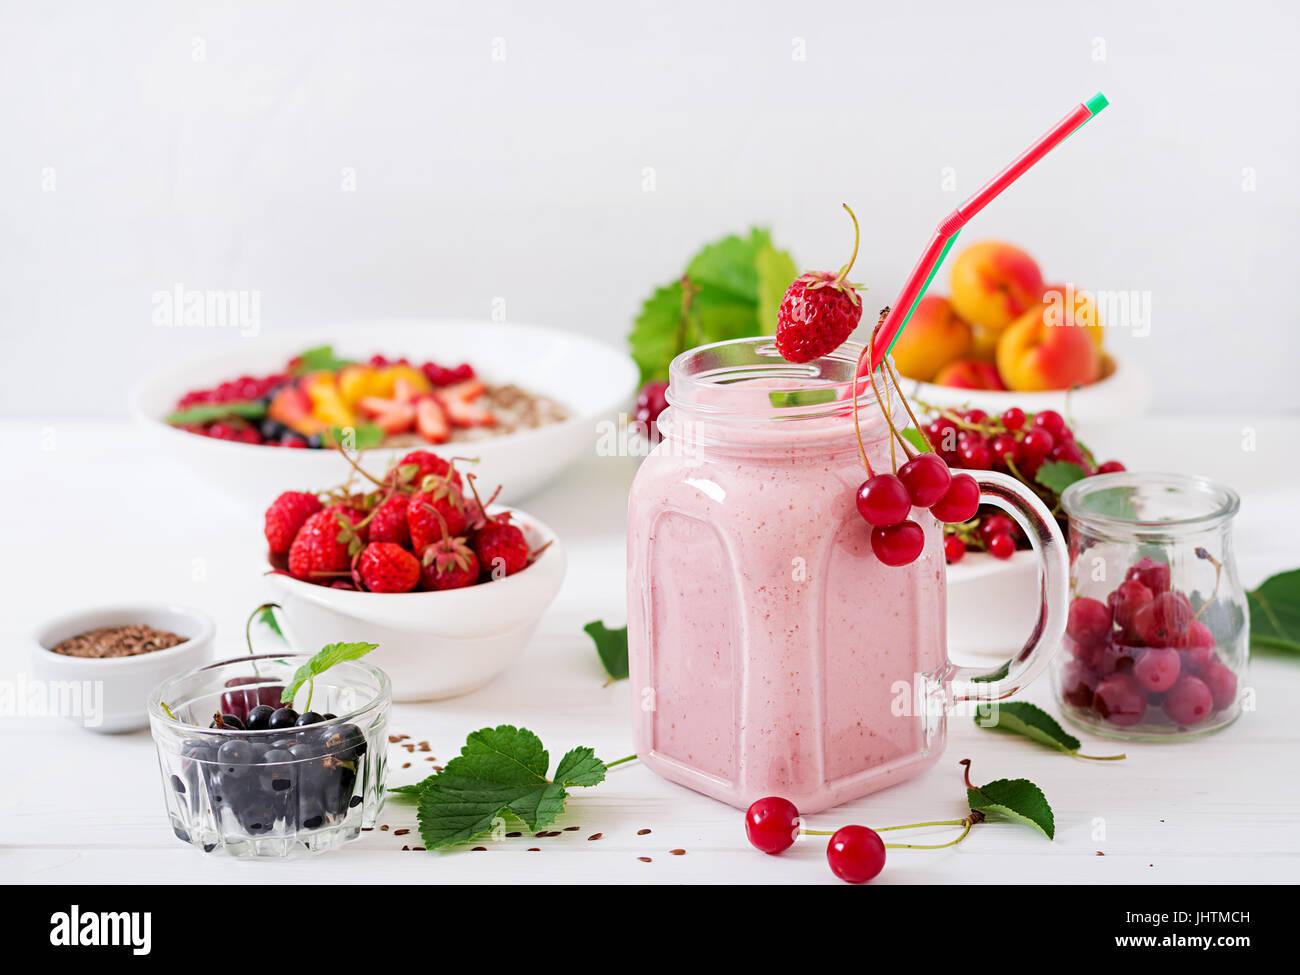 Yogures batidos de fresa en una jarra sobre un fondo blanco. Imagen De Stock